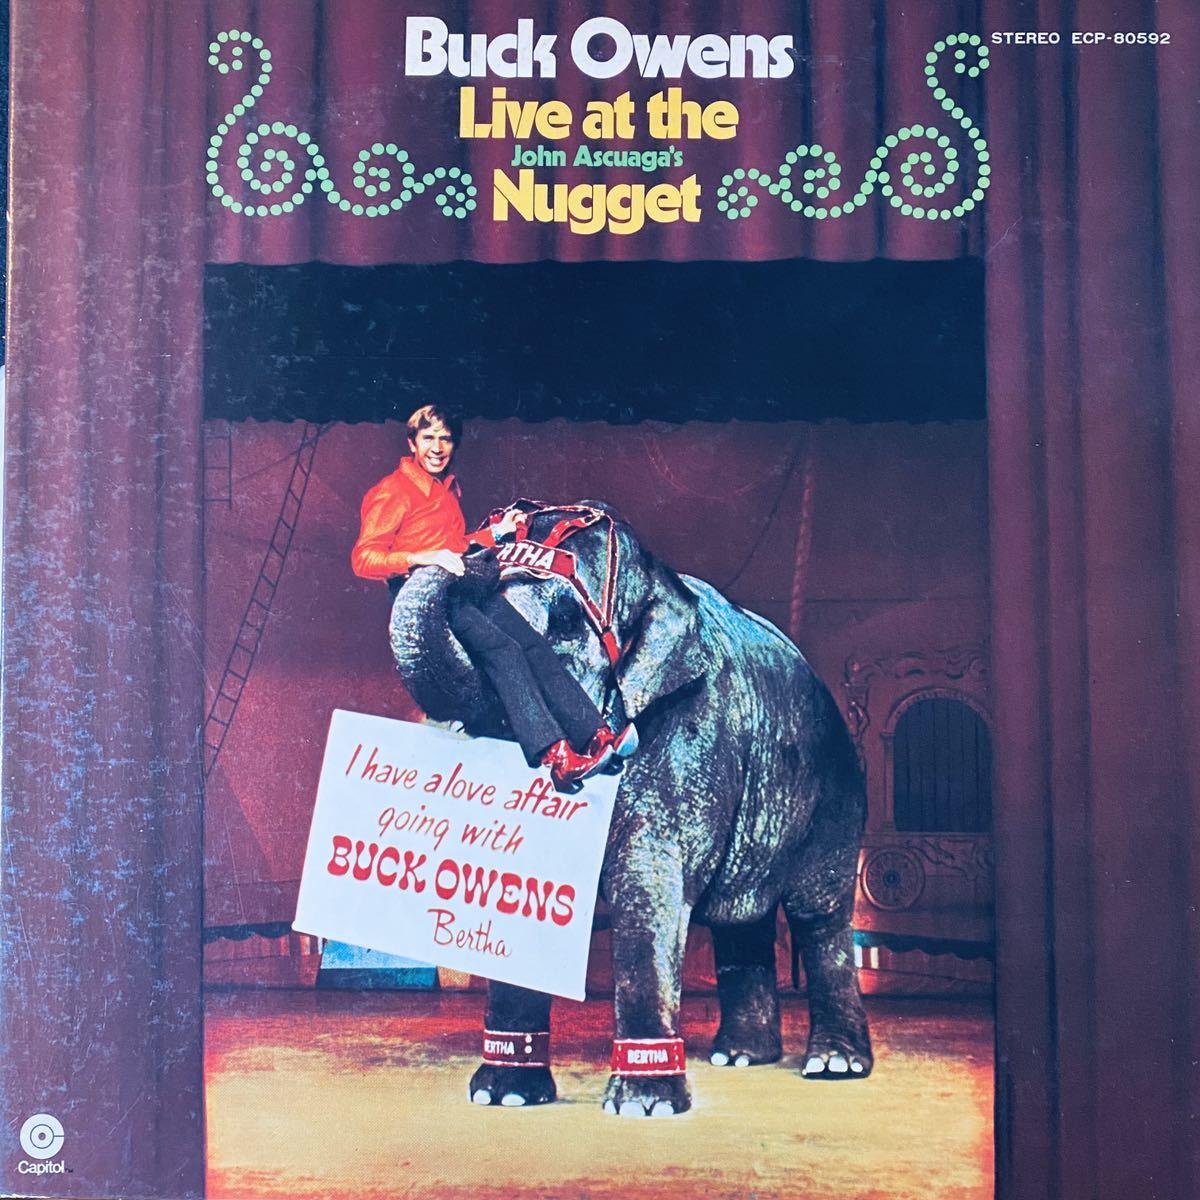 国内見本盤白ラベルLP / バック・オウエンズ・ライヴ・アット・ザ・ナゲット Buck Owens / プロモ サンプル 非売品 '72 ECP-80592_画像1